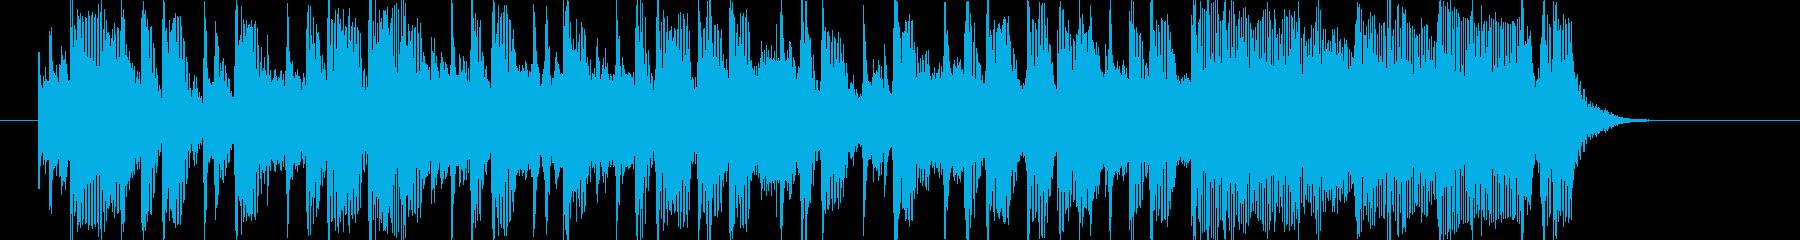 クールでポップなEDMサウンドの再生済みの波形